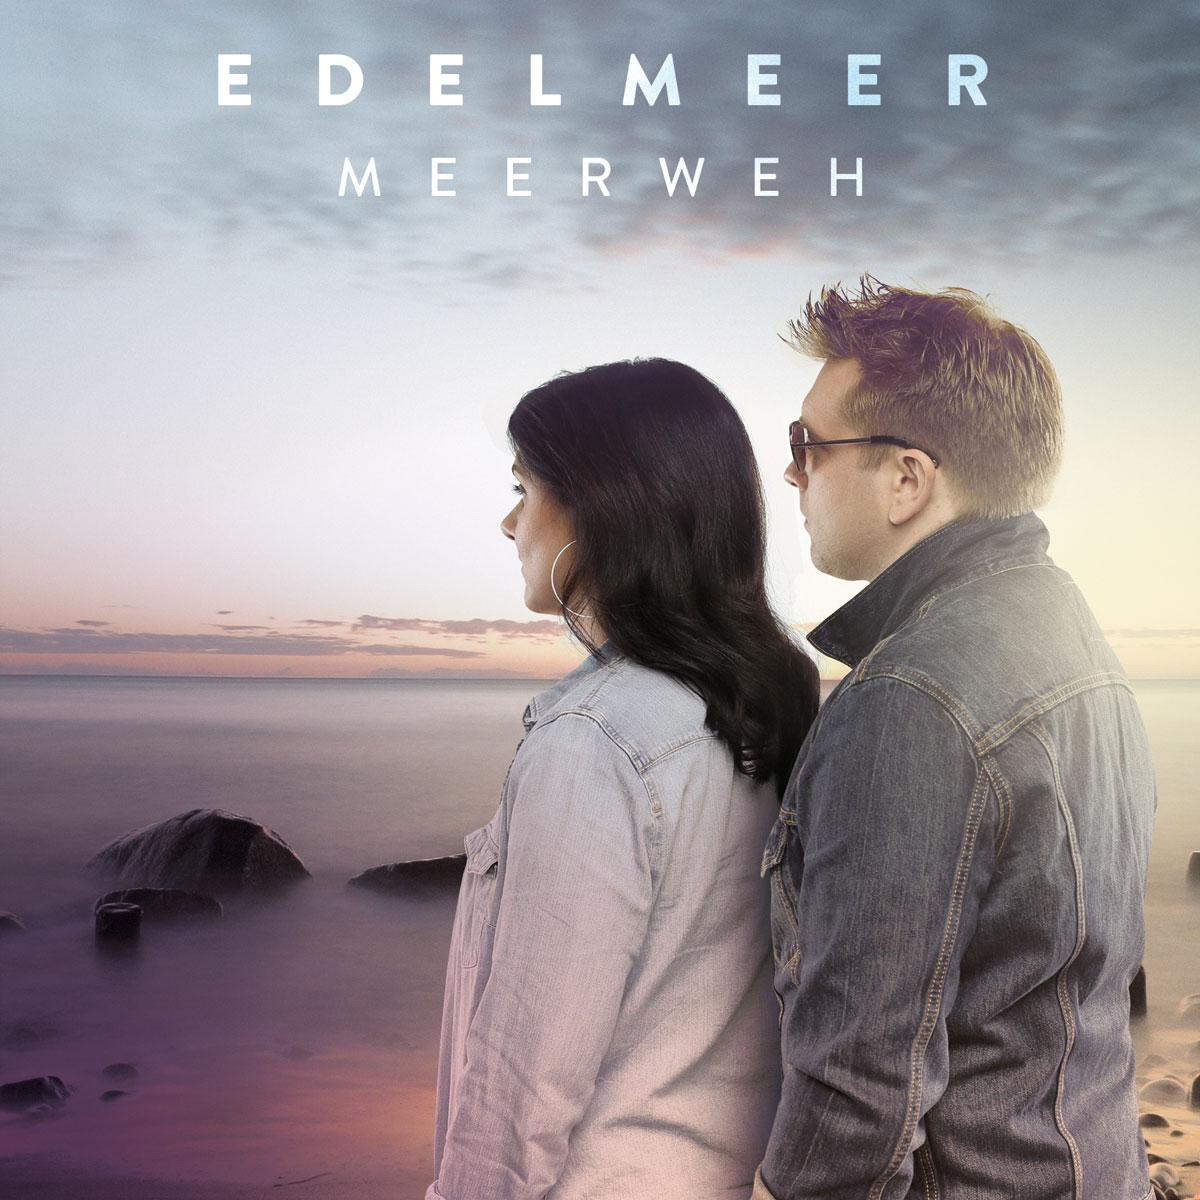 EDELMEER - MEERWEH